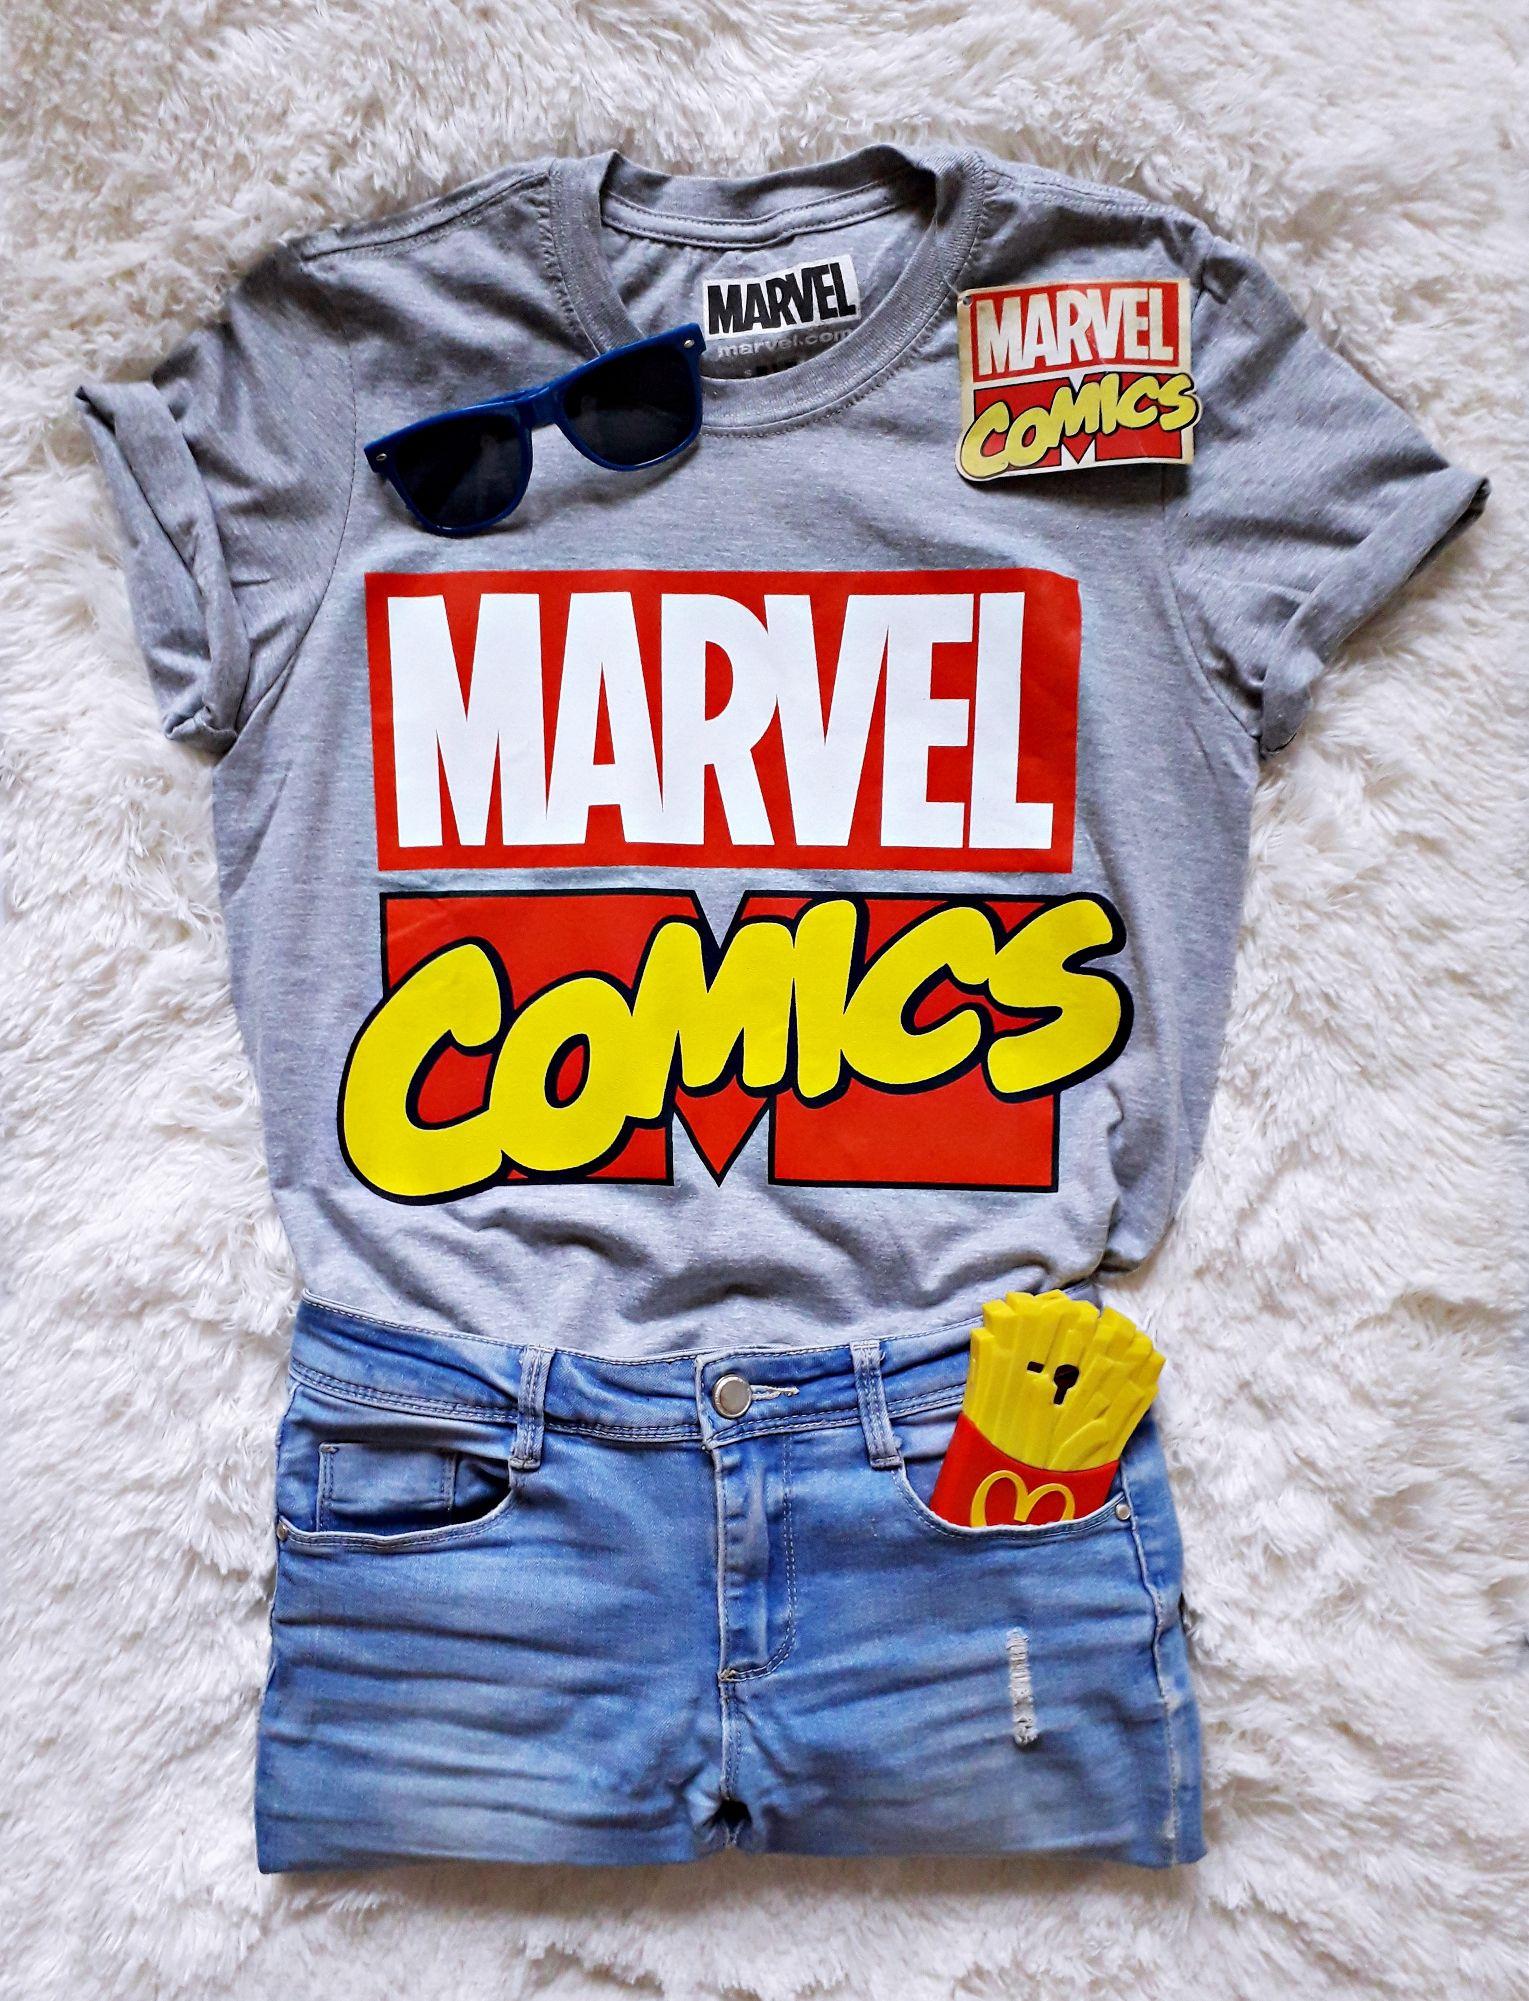 5be090309d119d Bluzka marvel z nadrukiem MARVEL COMICS - komiksowa koszulka z marvela z  superbohaterami. Koszulka MARVEL